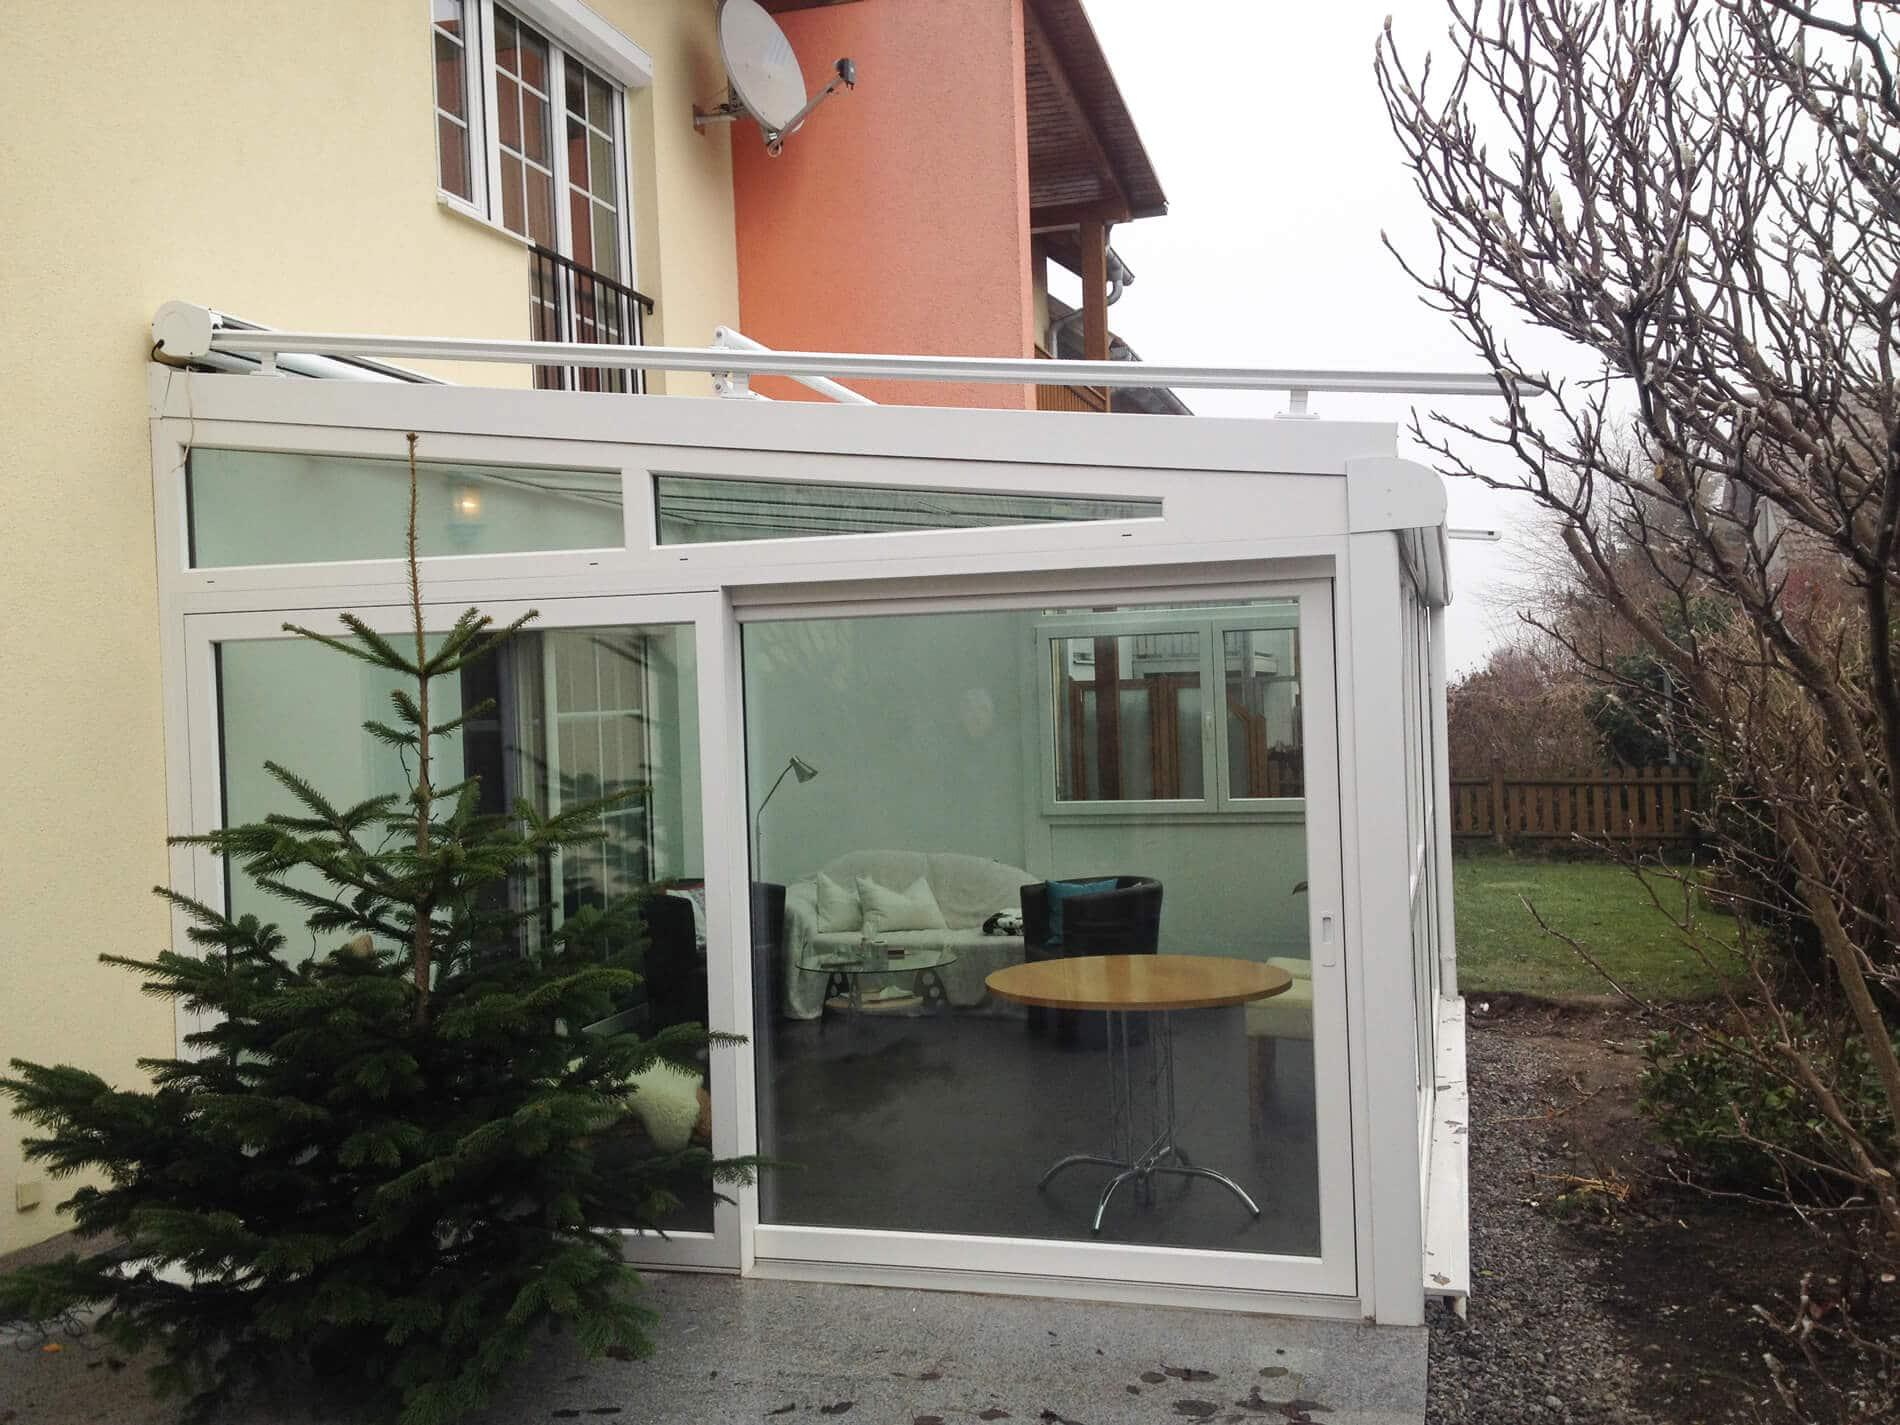 Hebe-Schiebe-Türe für Wintergarten